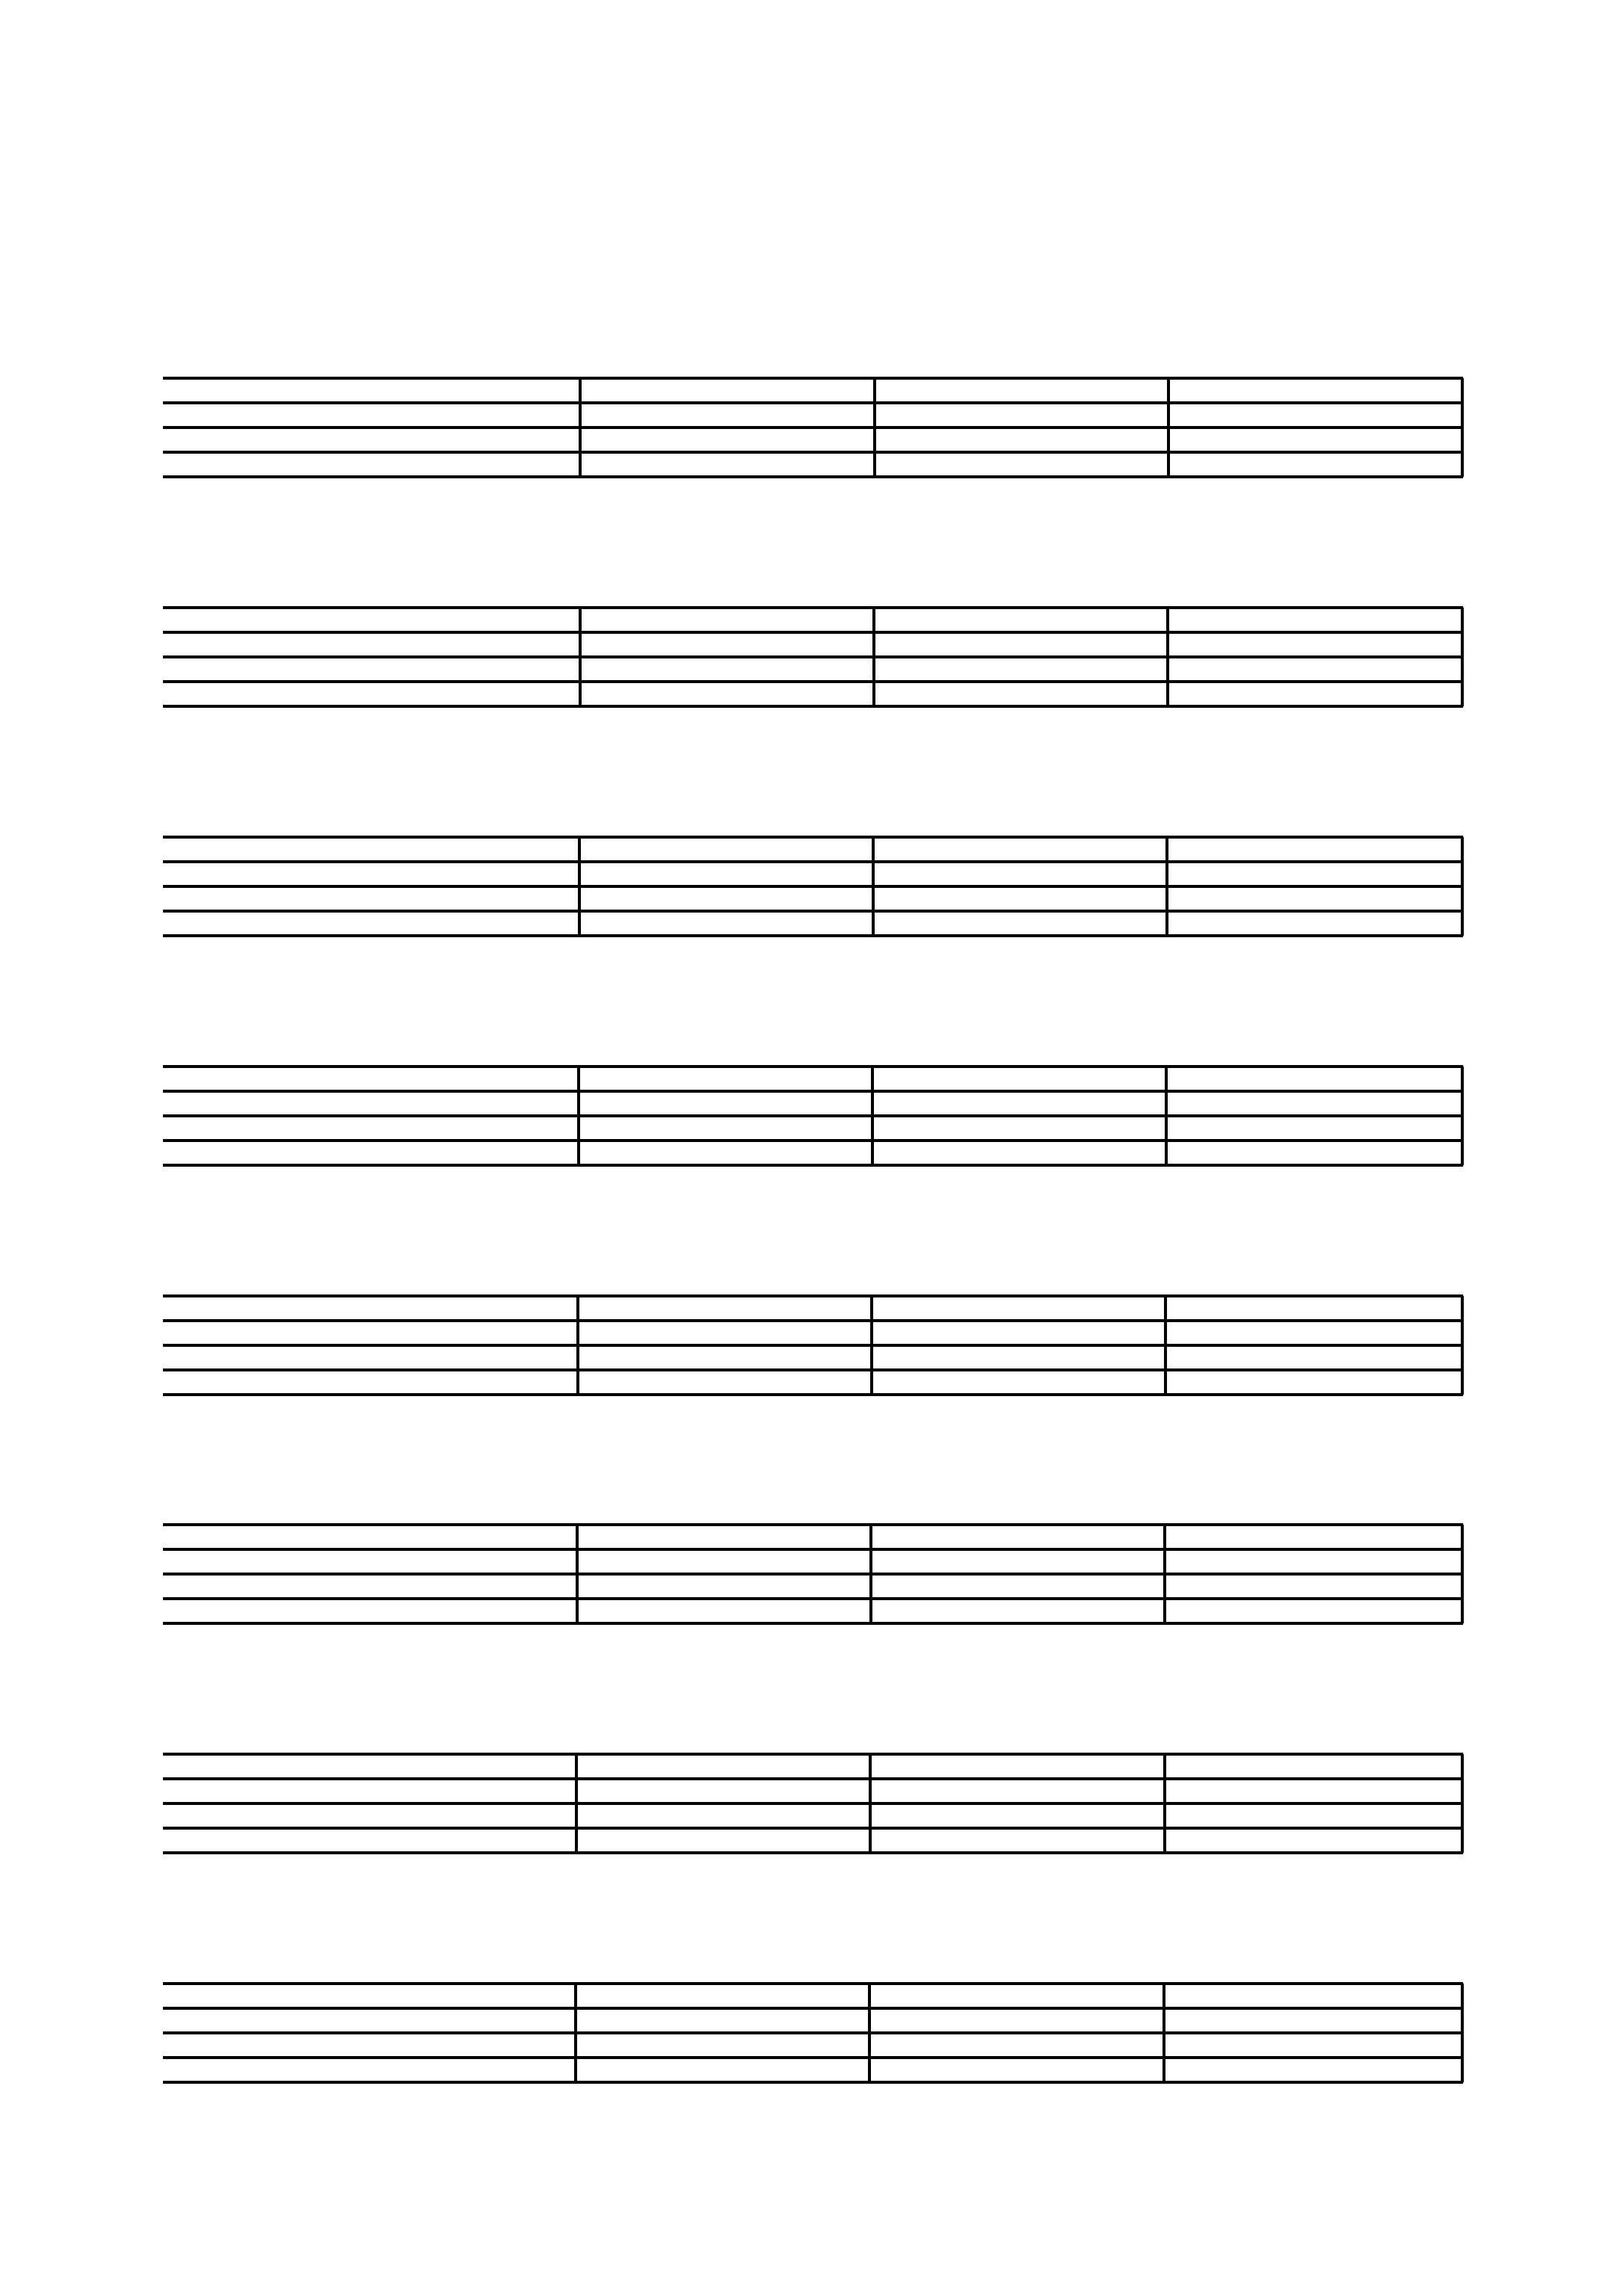 notenpapier mit taktstrichen  musik für kinder